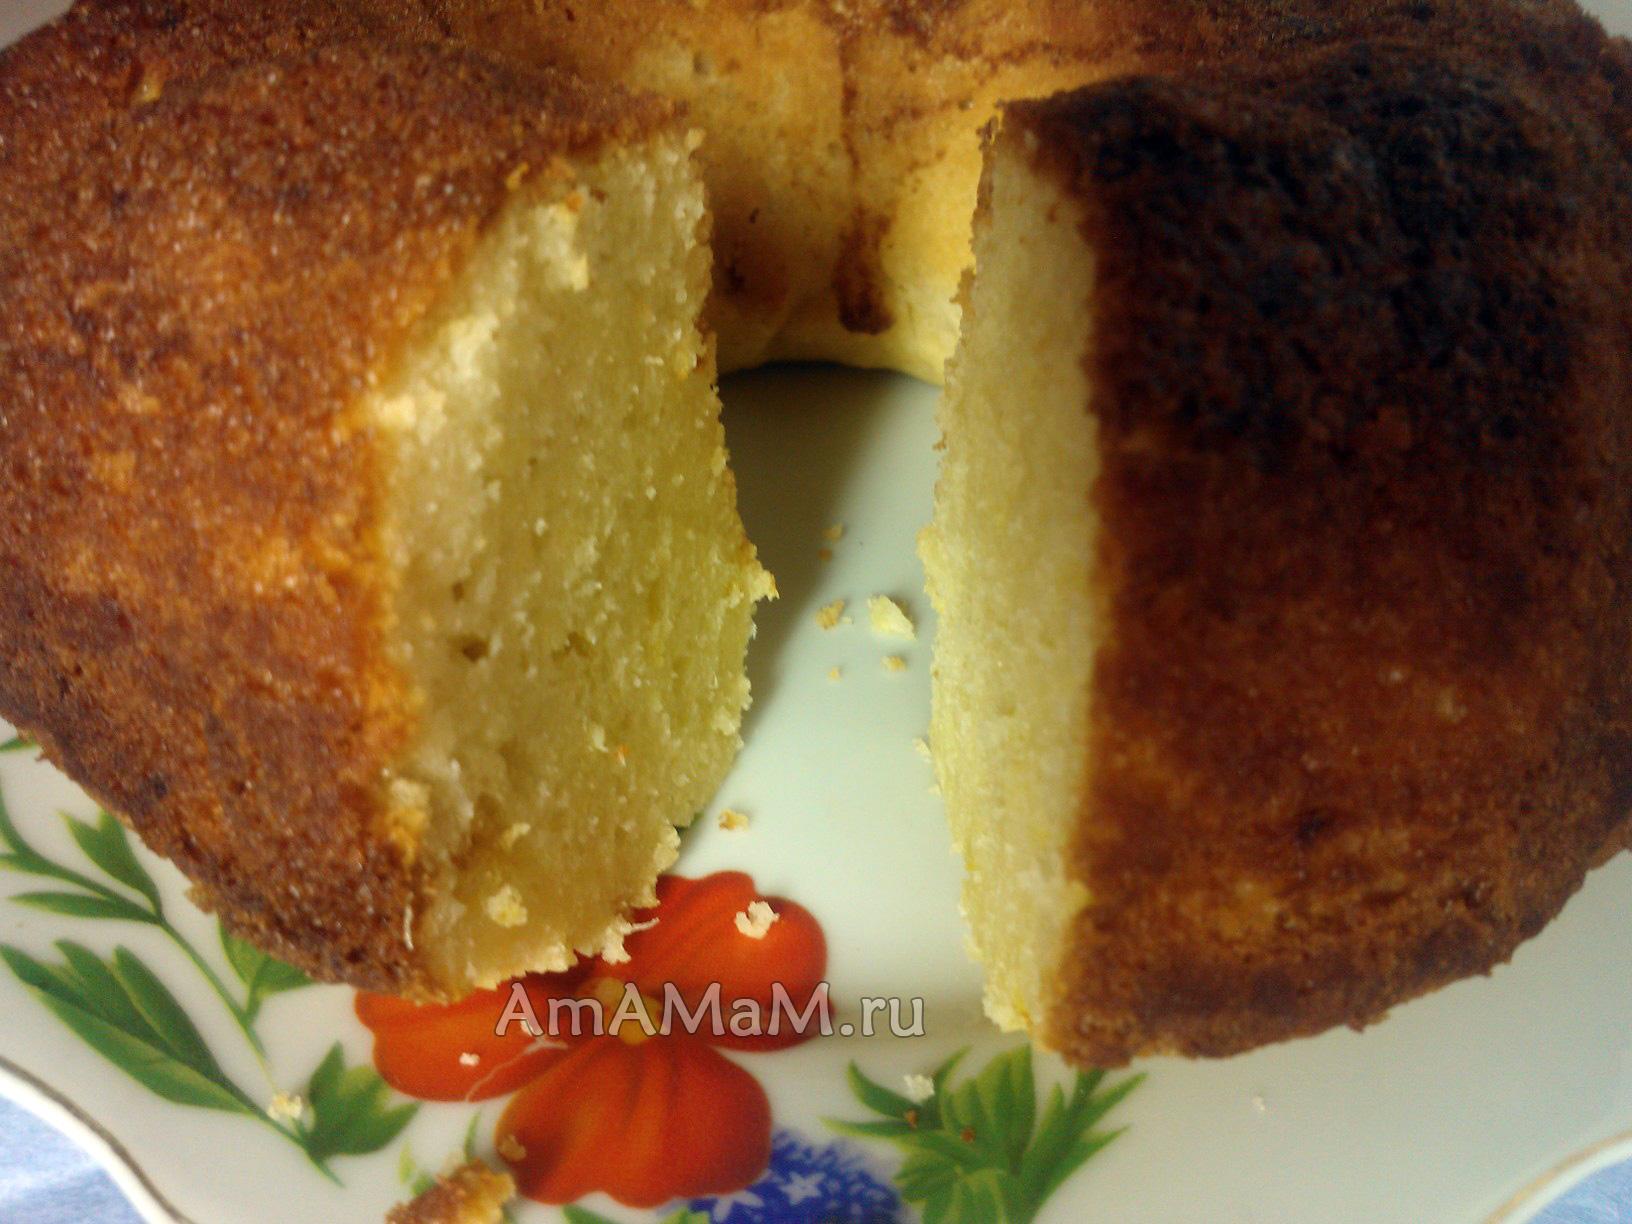 Кексы 377 рецептов с фото пошагово. Как приготовить кекс в 37